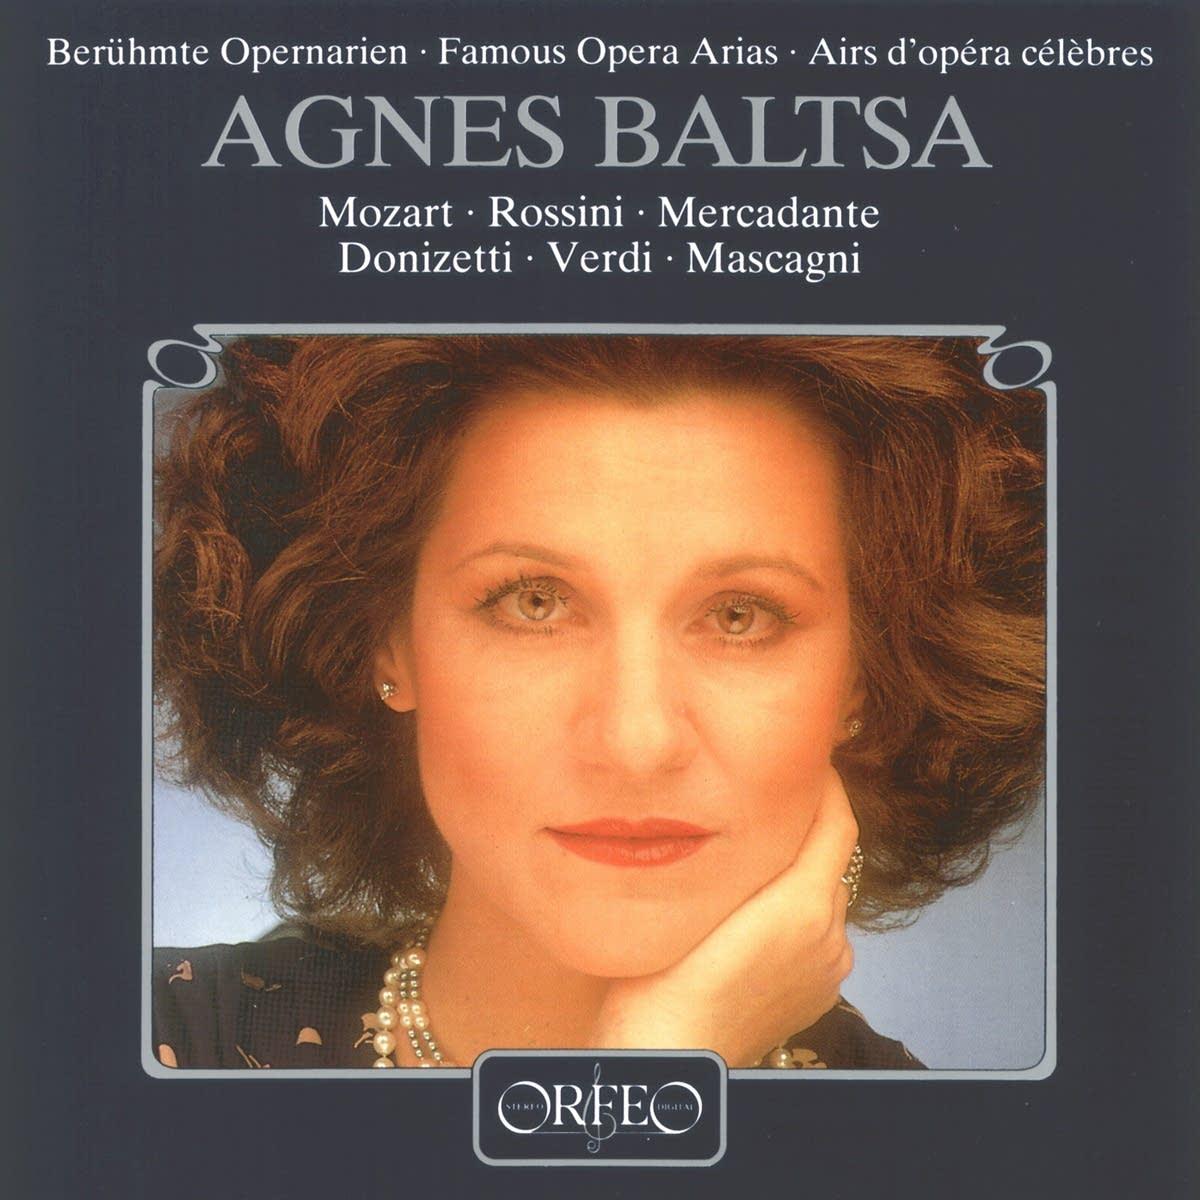 Gioachino Rossini - La Cenerentola: Non piu mesta